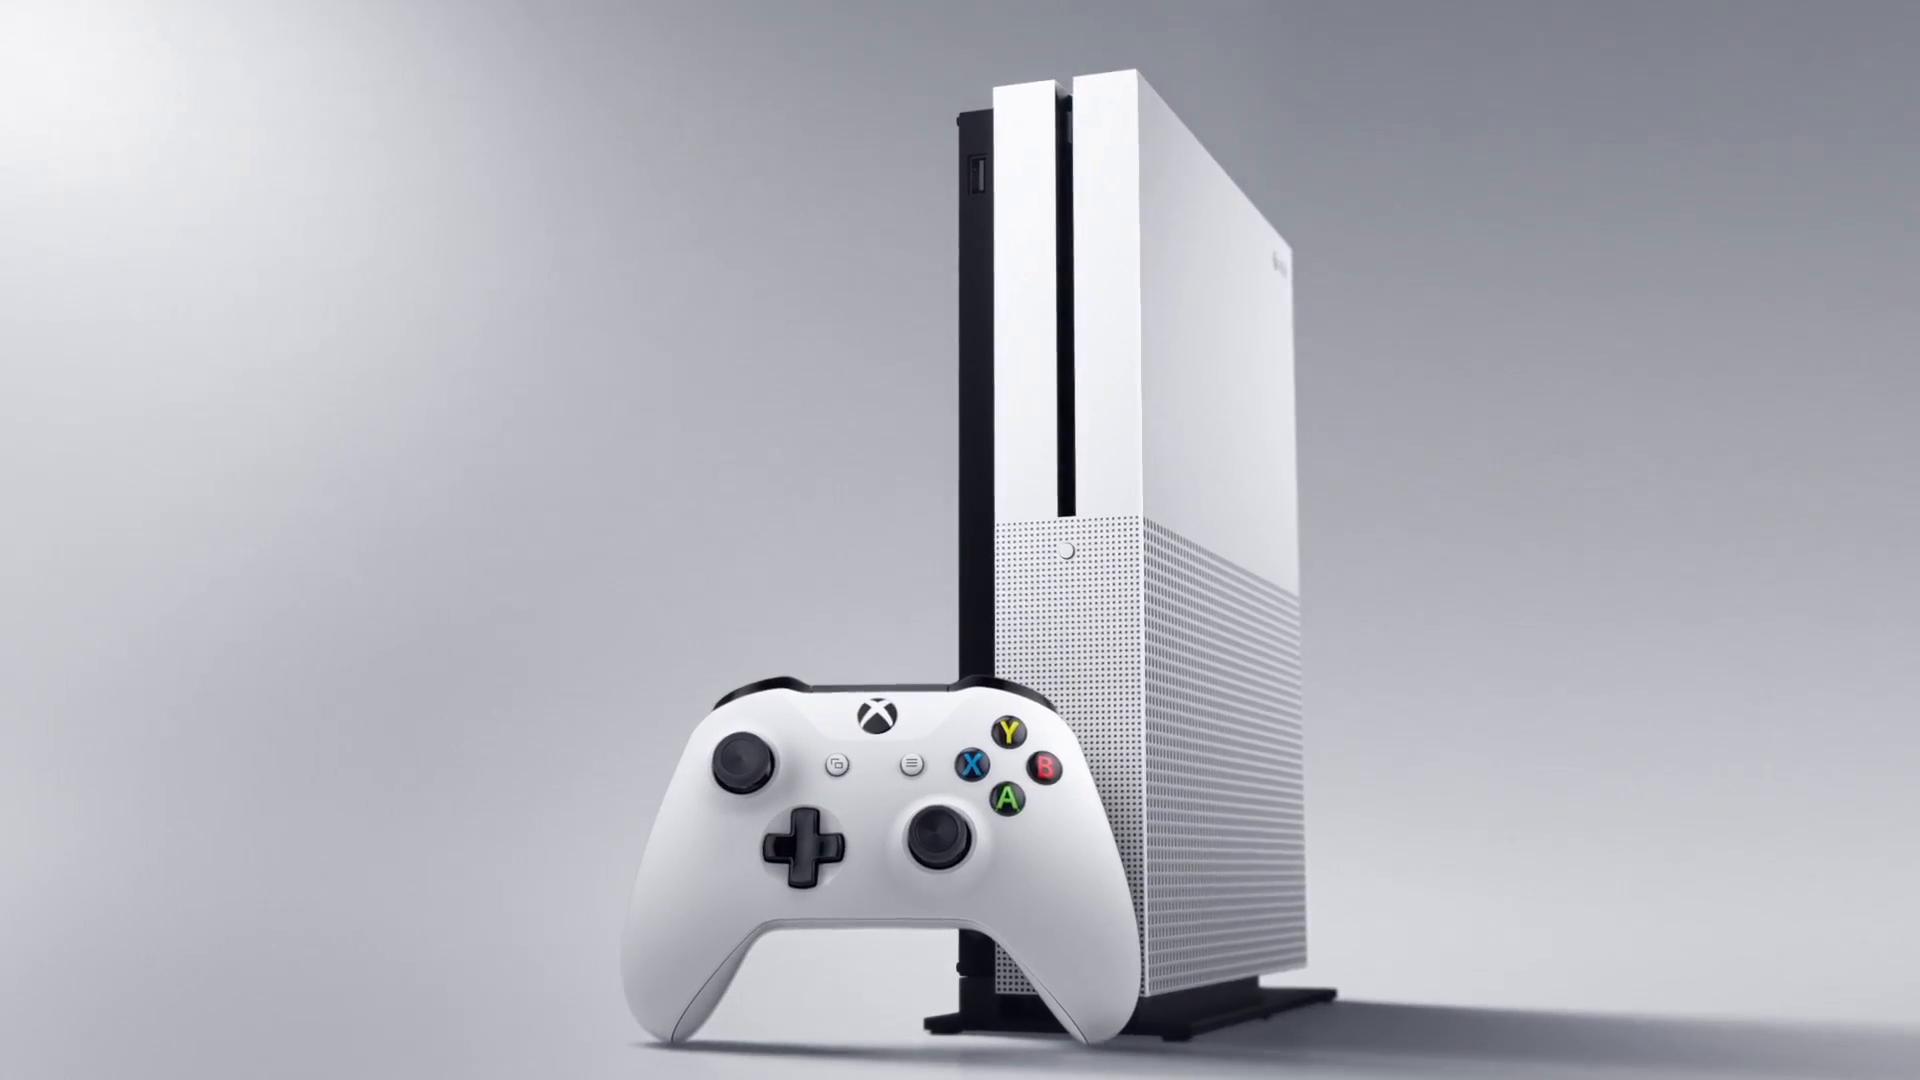 Microsoft: Senaste kvartalet var ett genombrott för Xbox